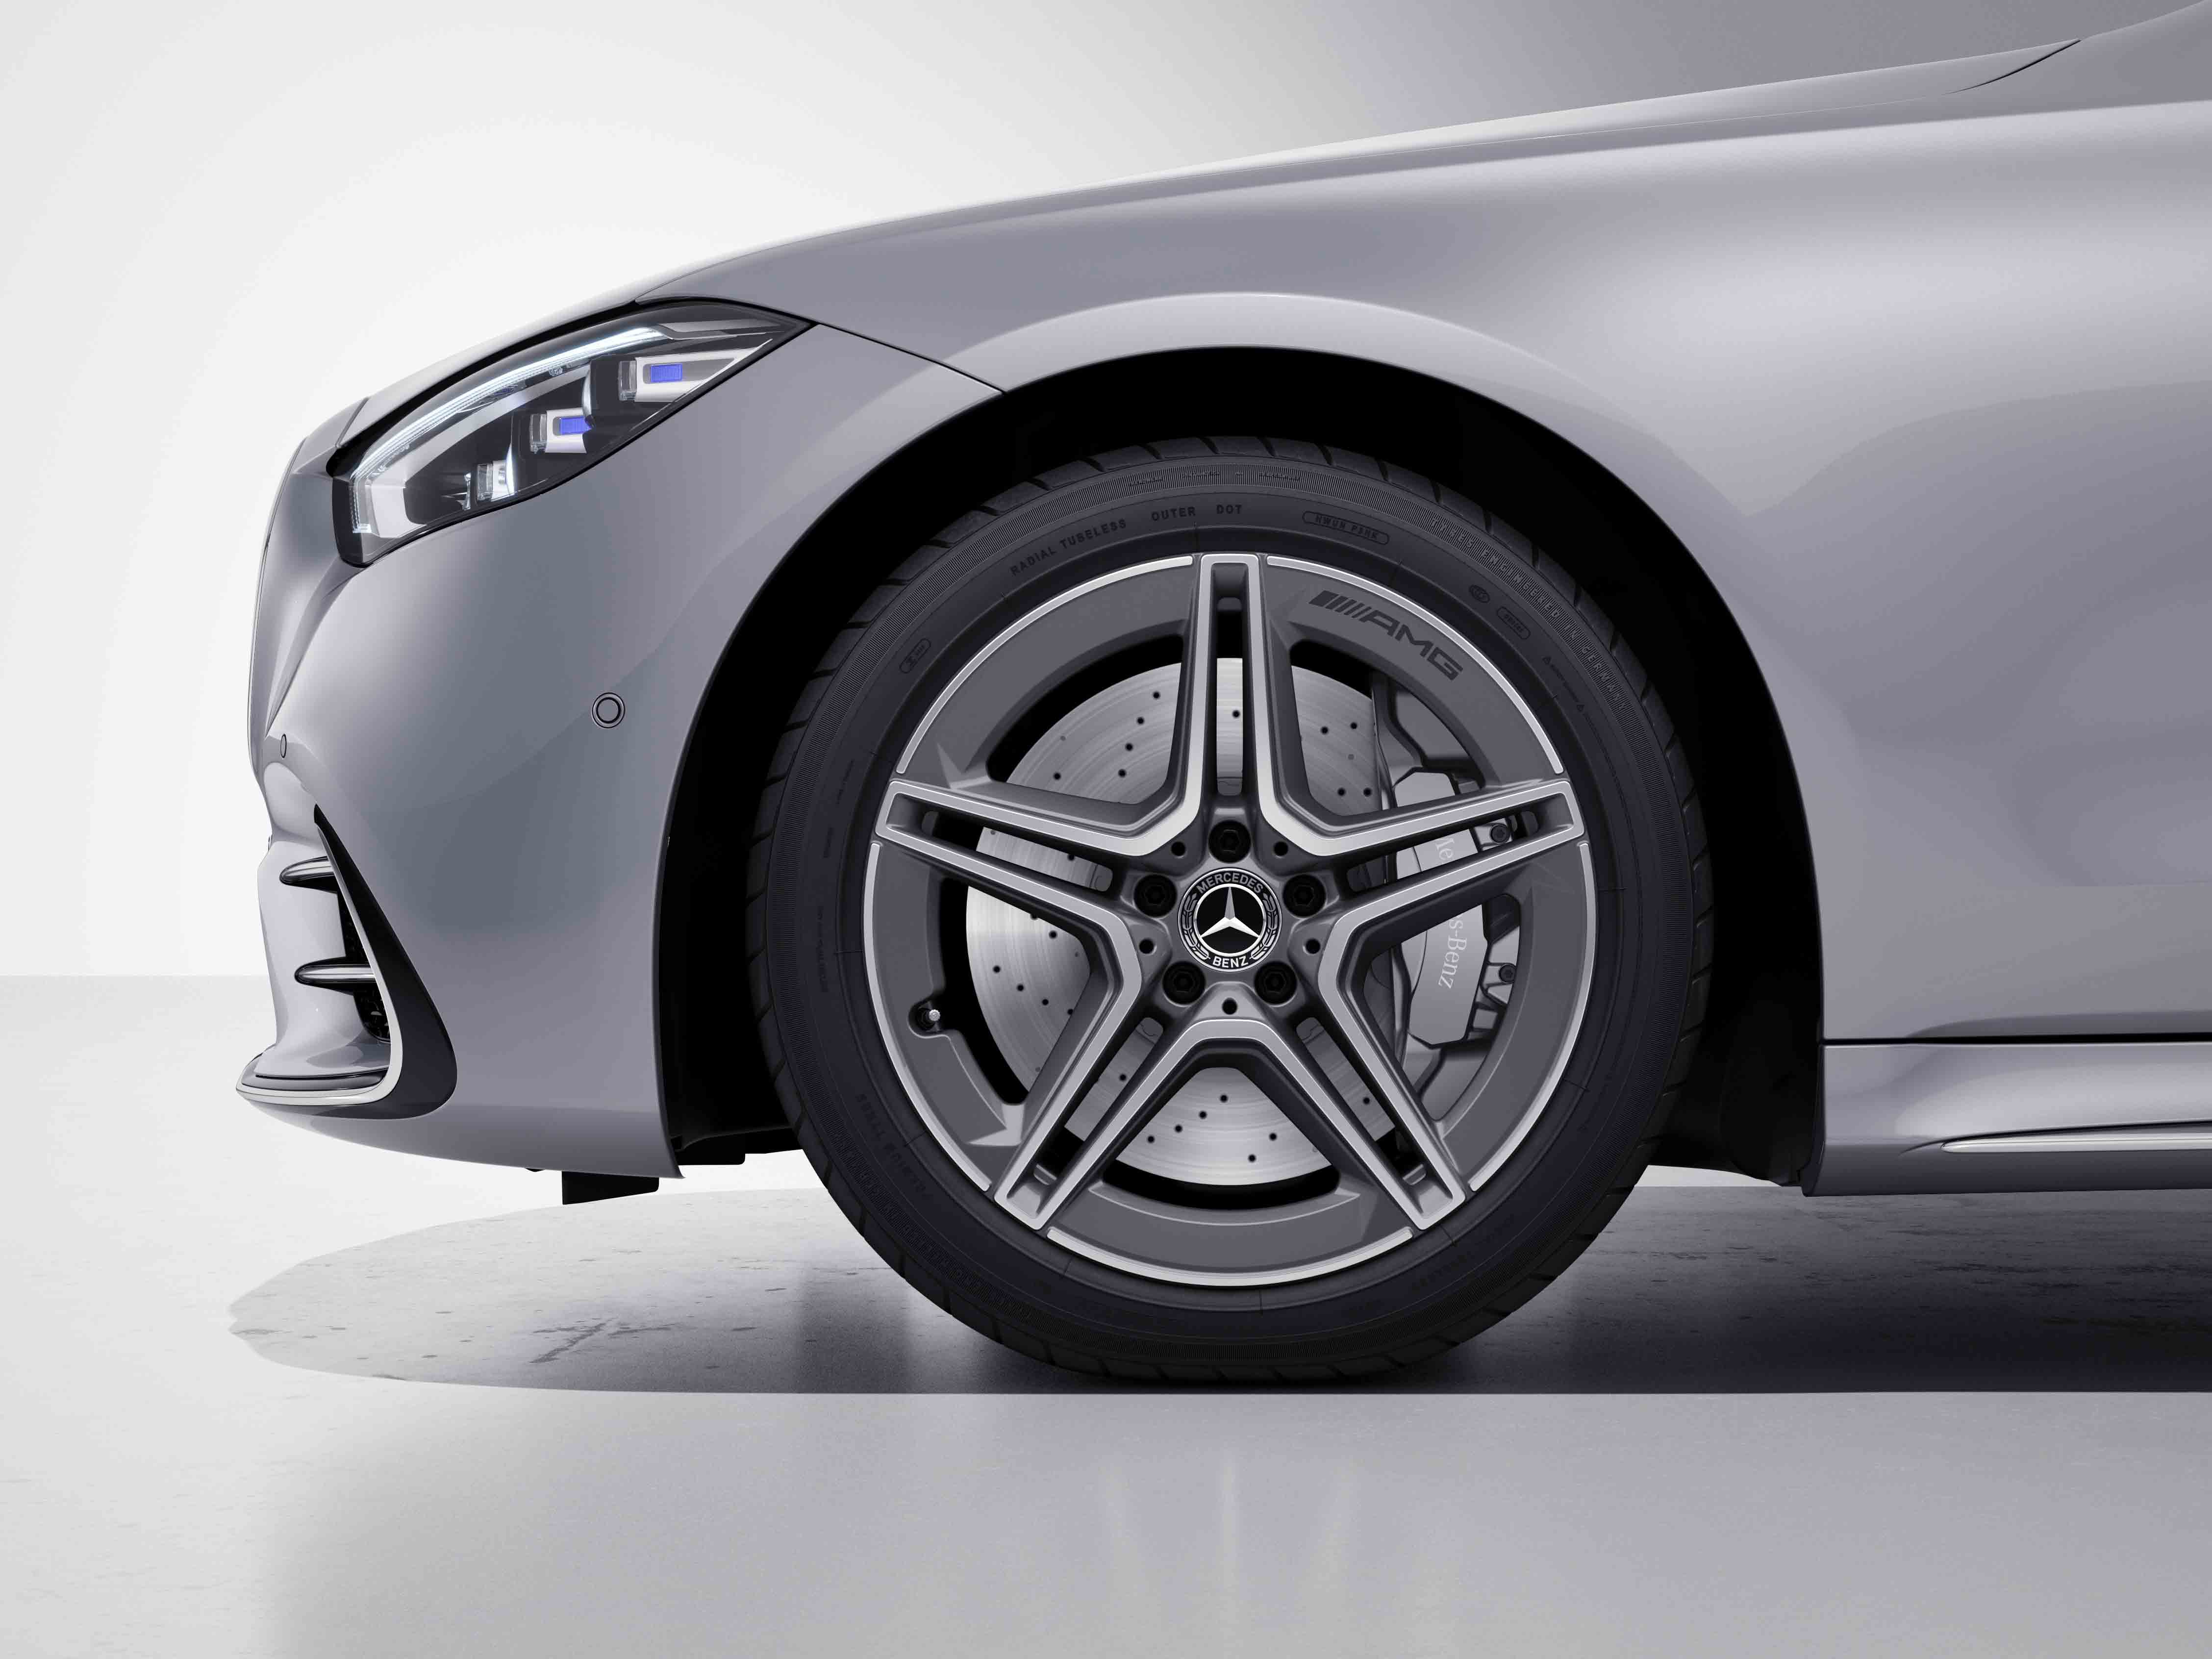 Jantes AMG 20 multibranches de la Mercedes-Benz Classe S Limousine